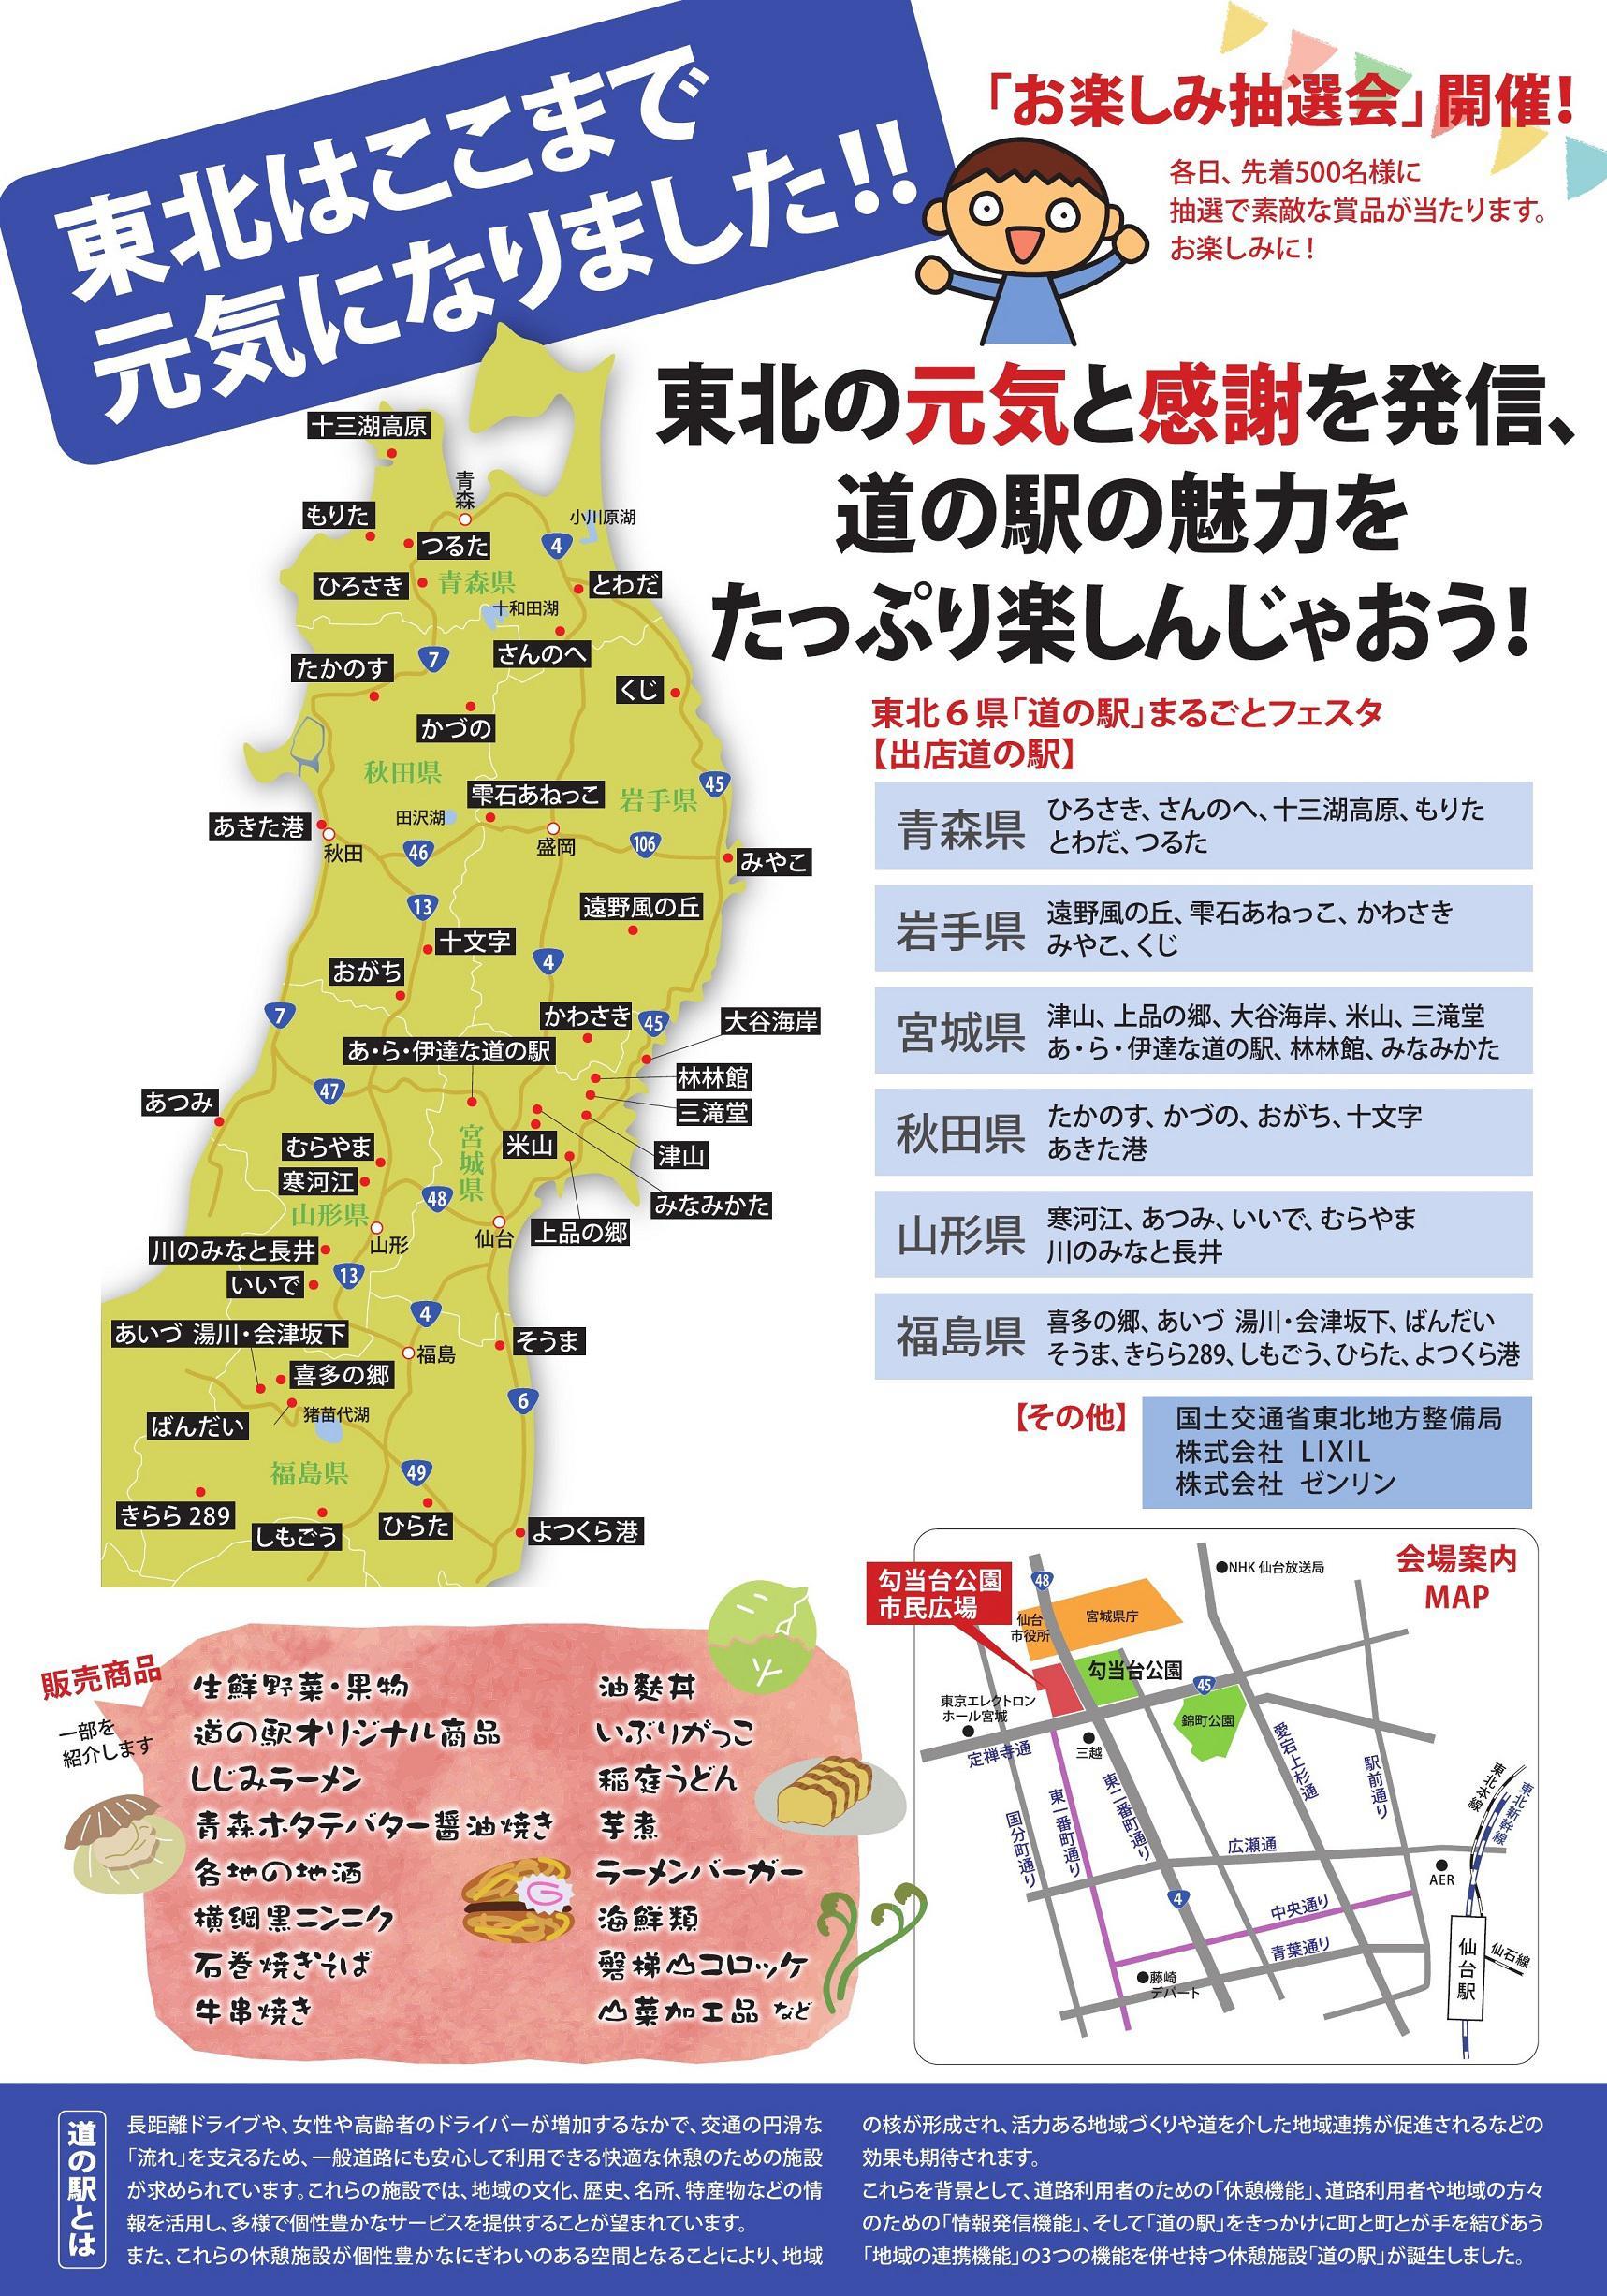 東北6県 「道の駅」 まるごとフェスタ!!